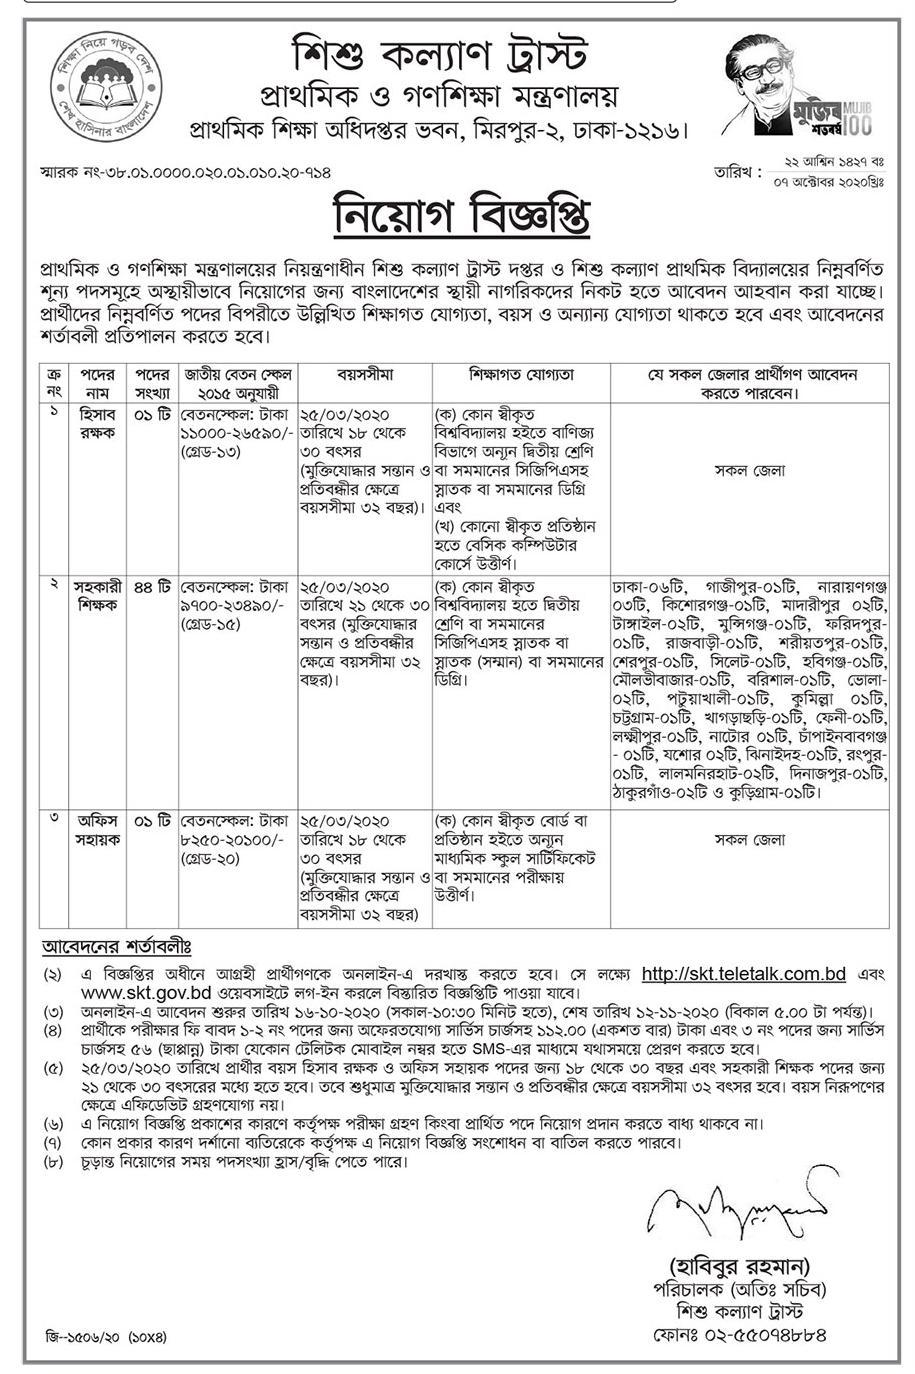 Shishu Kallyan Trust SKT Job Circular 2020